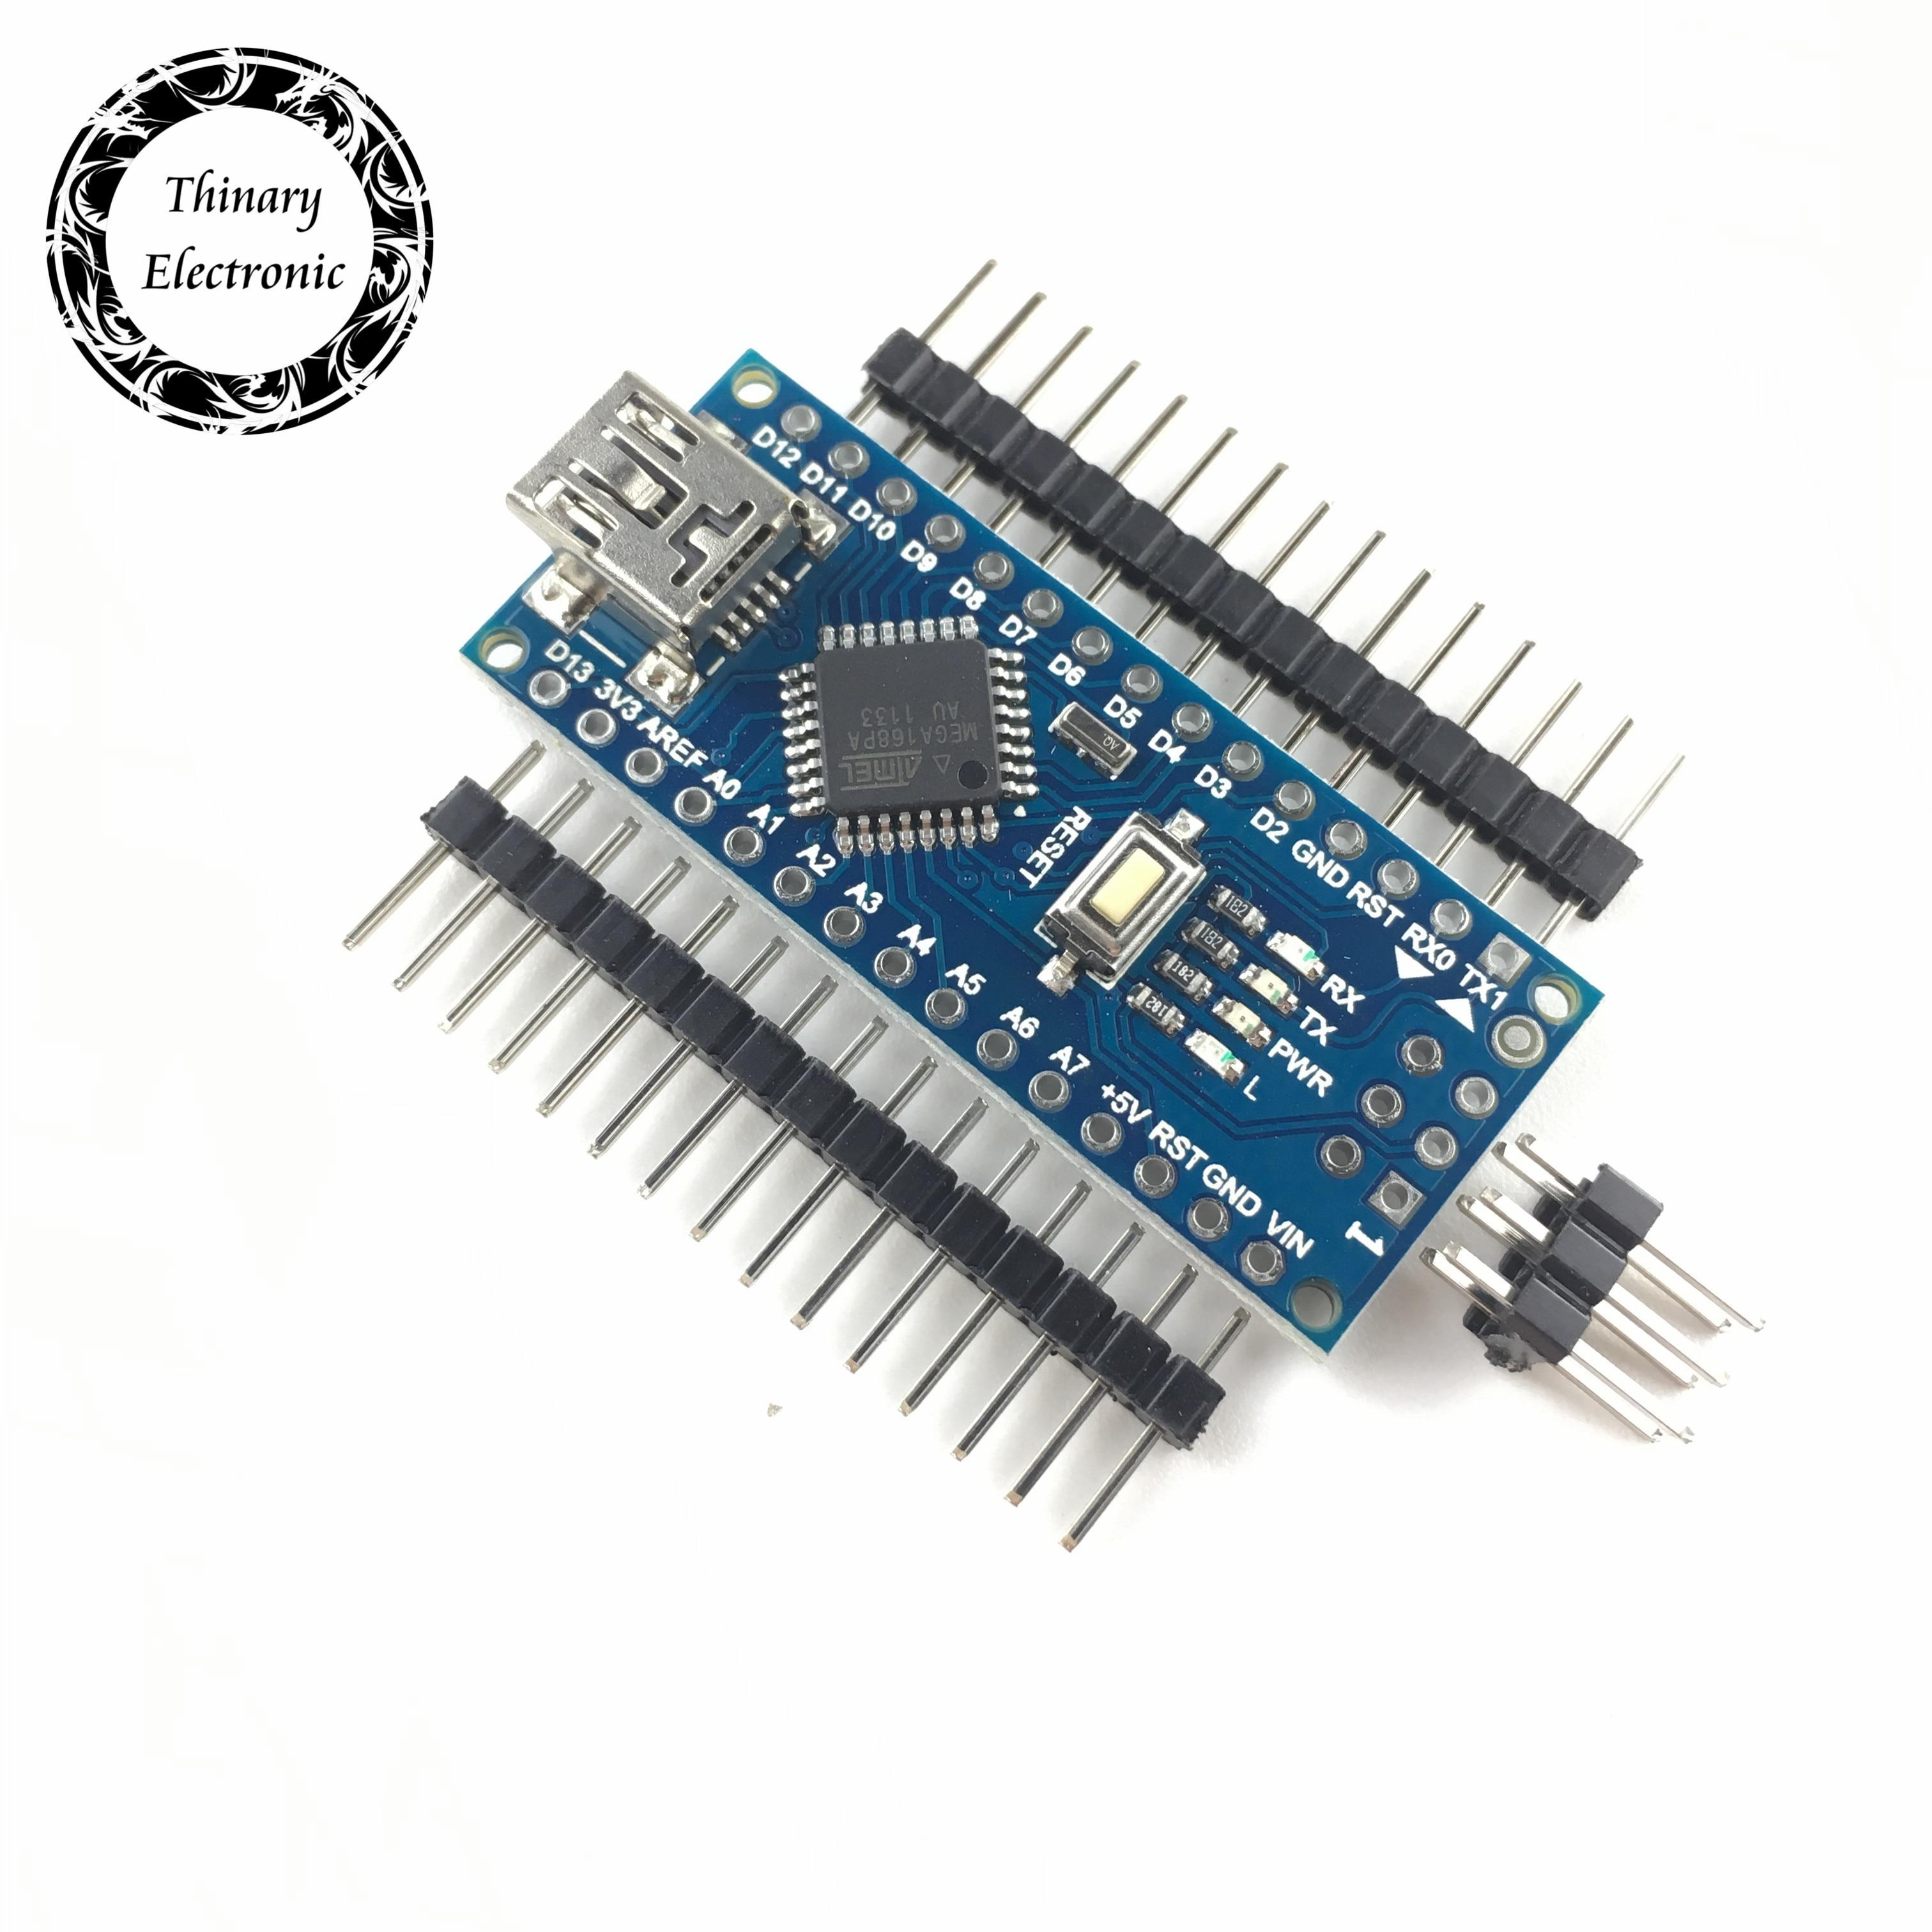 Контроллер Thinary Electronic 5 шт./лот Nano Atmega168, совместимый с arduino nano CH340G, без кабеля Atmega168P, сменный Atmega328P